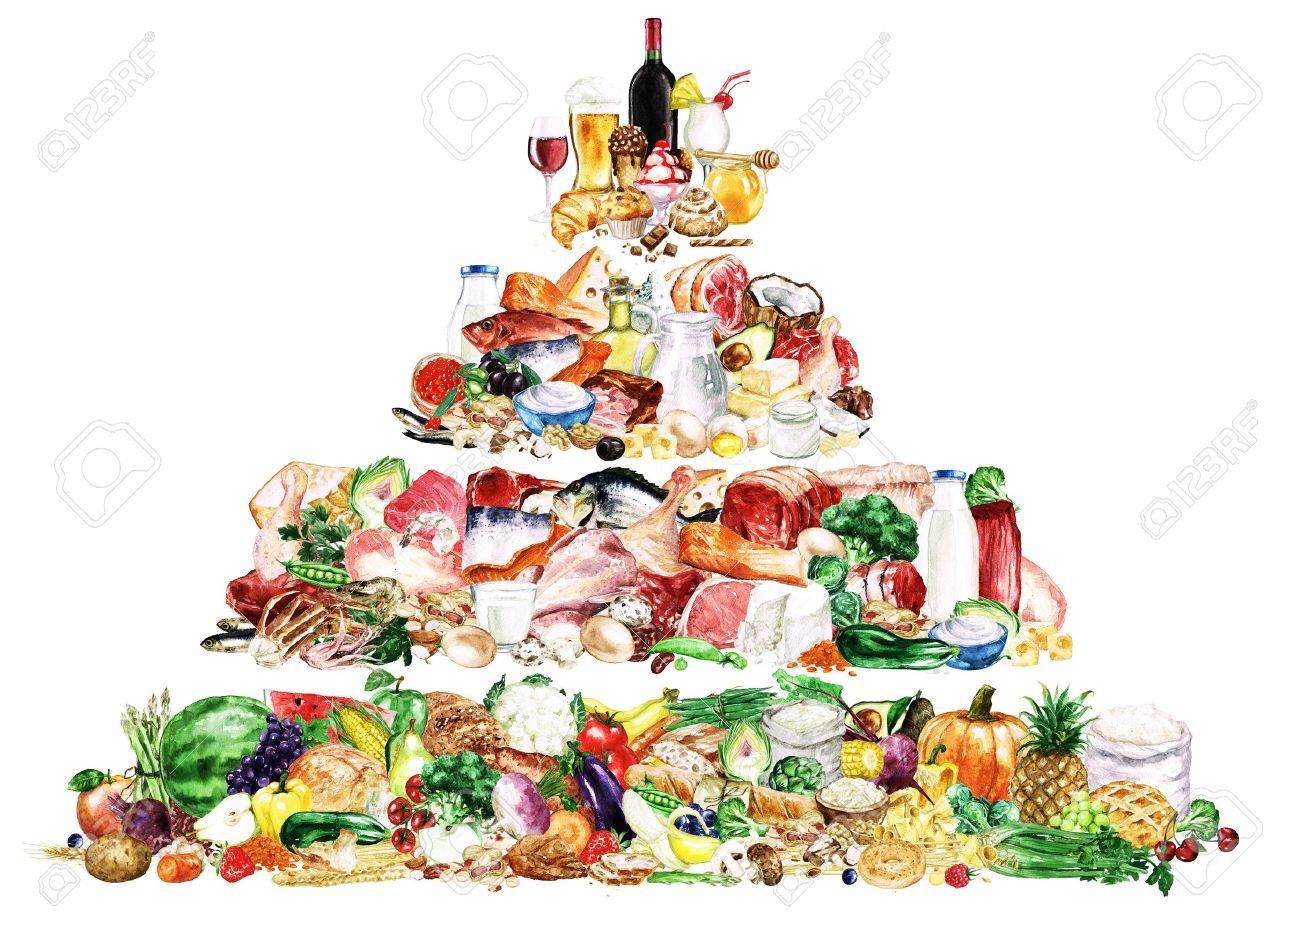 Aquarelle Alimentaire Clipart Alimentation Saine Et Equilibree Pyramide Alimentaire Banque D Images Et Photos Libres De Droits Image 58416148